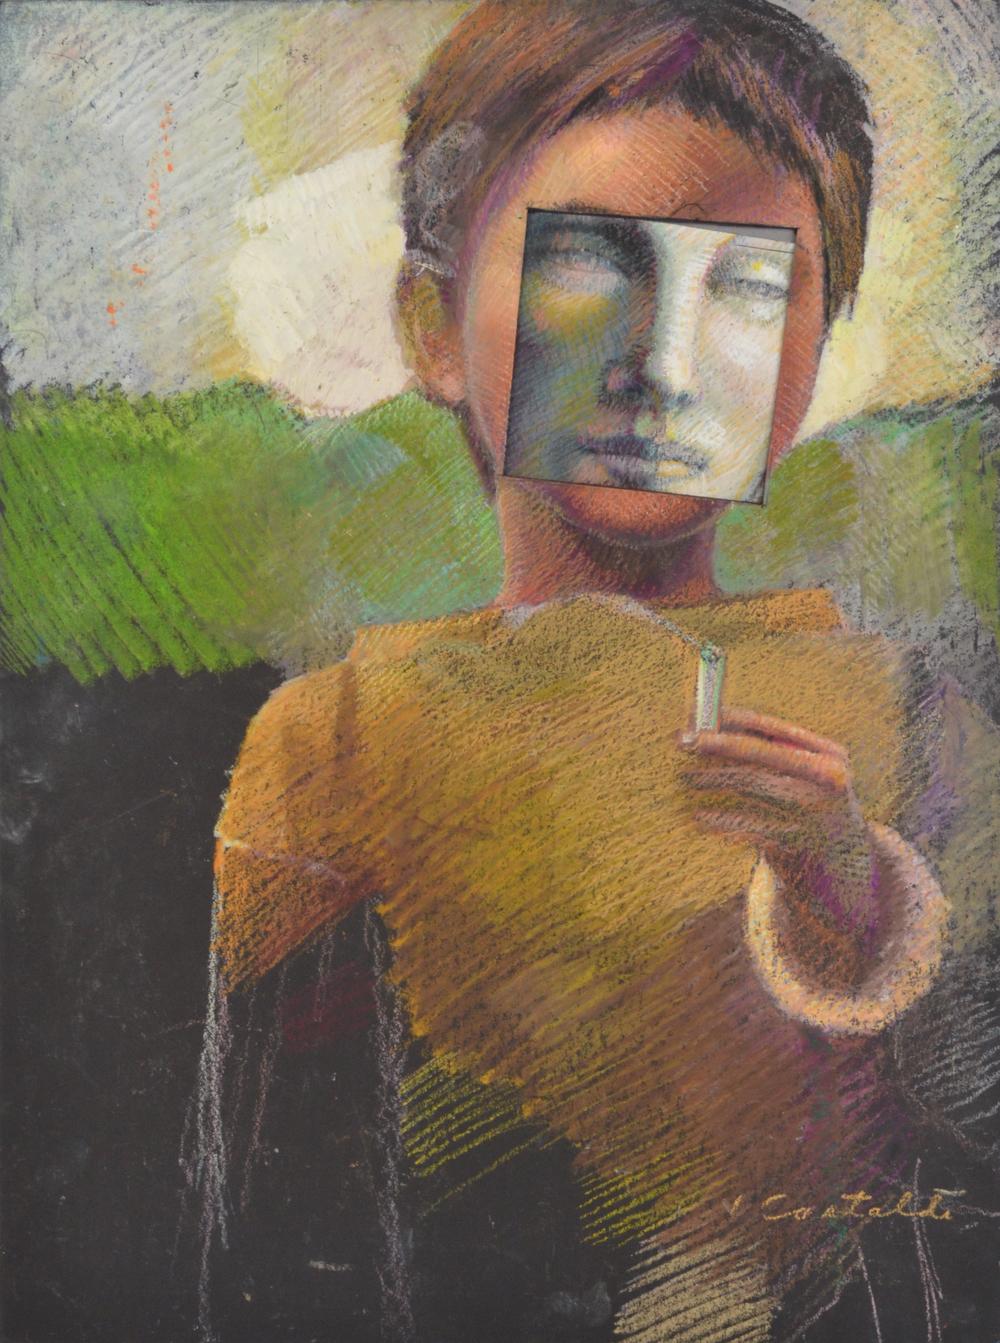 Vincent Castaldi